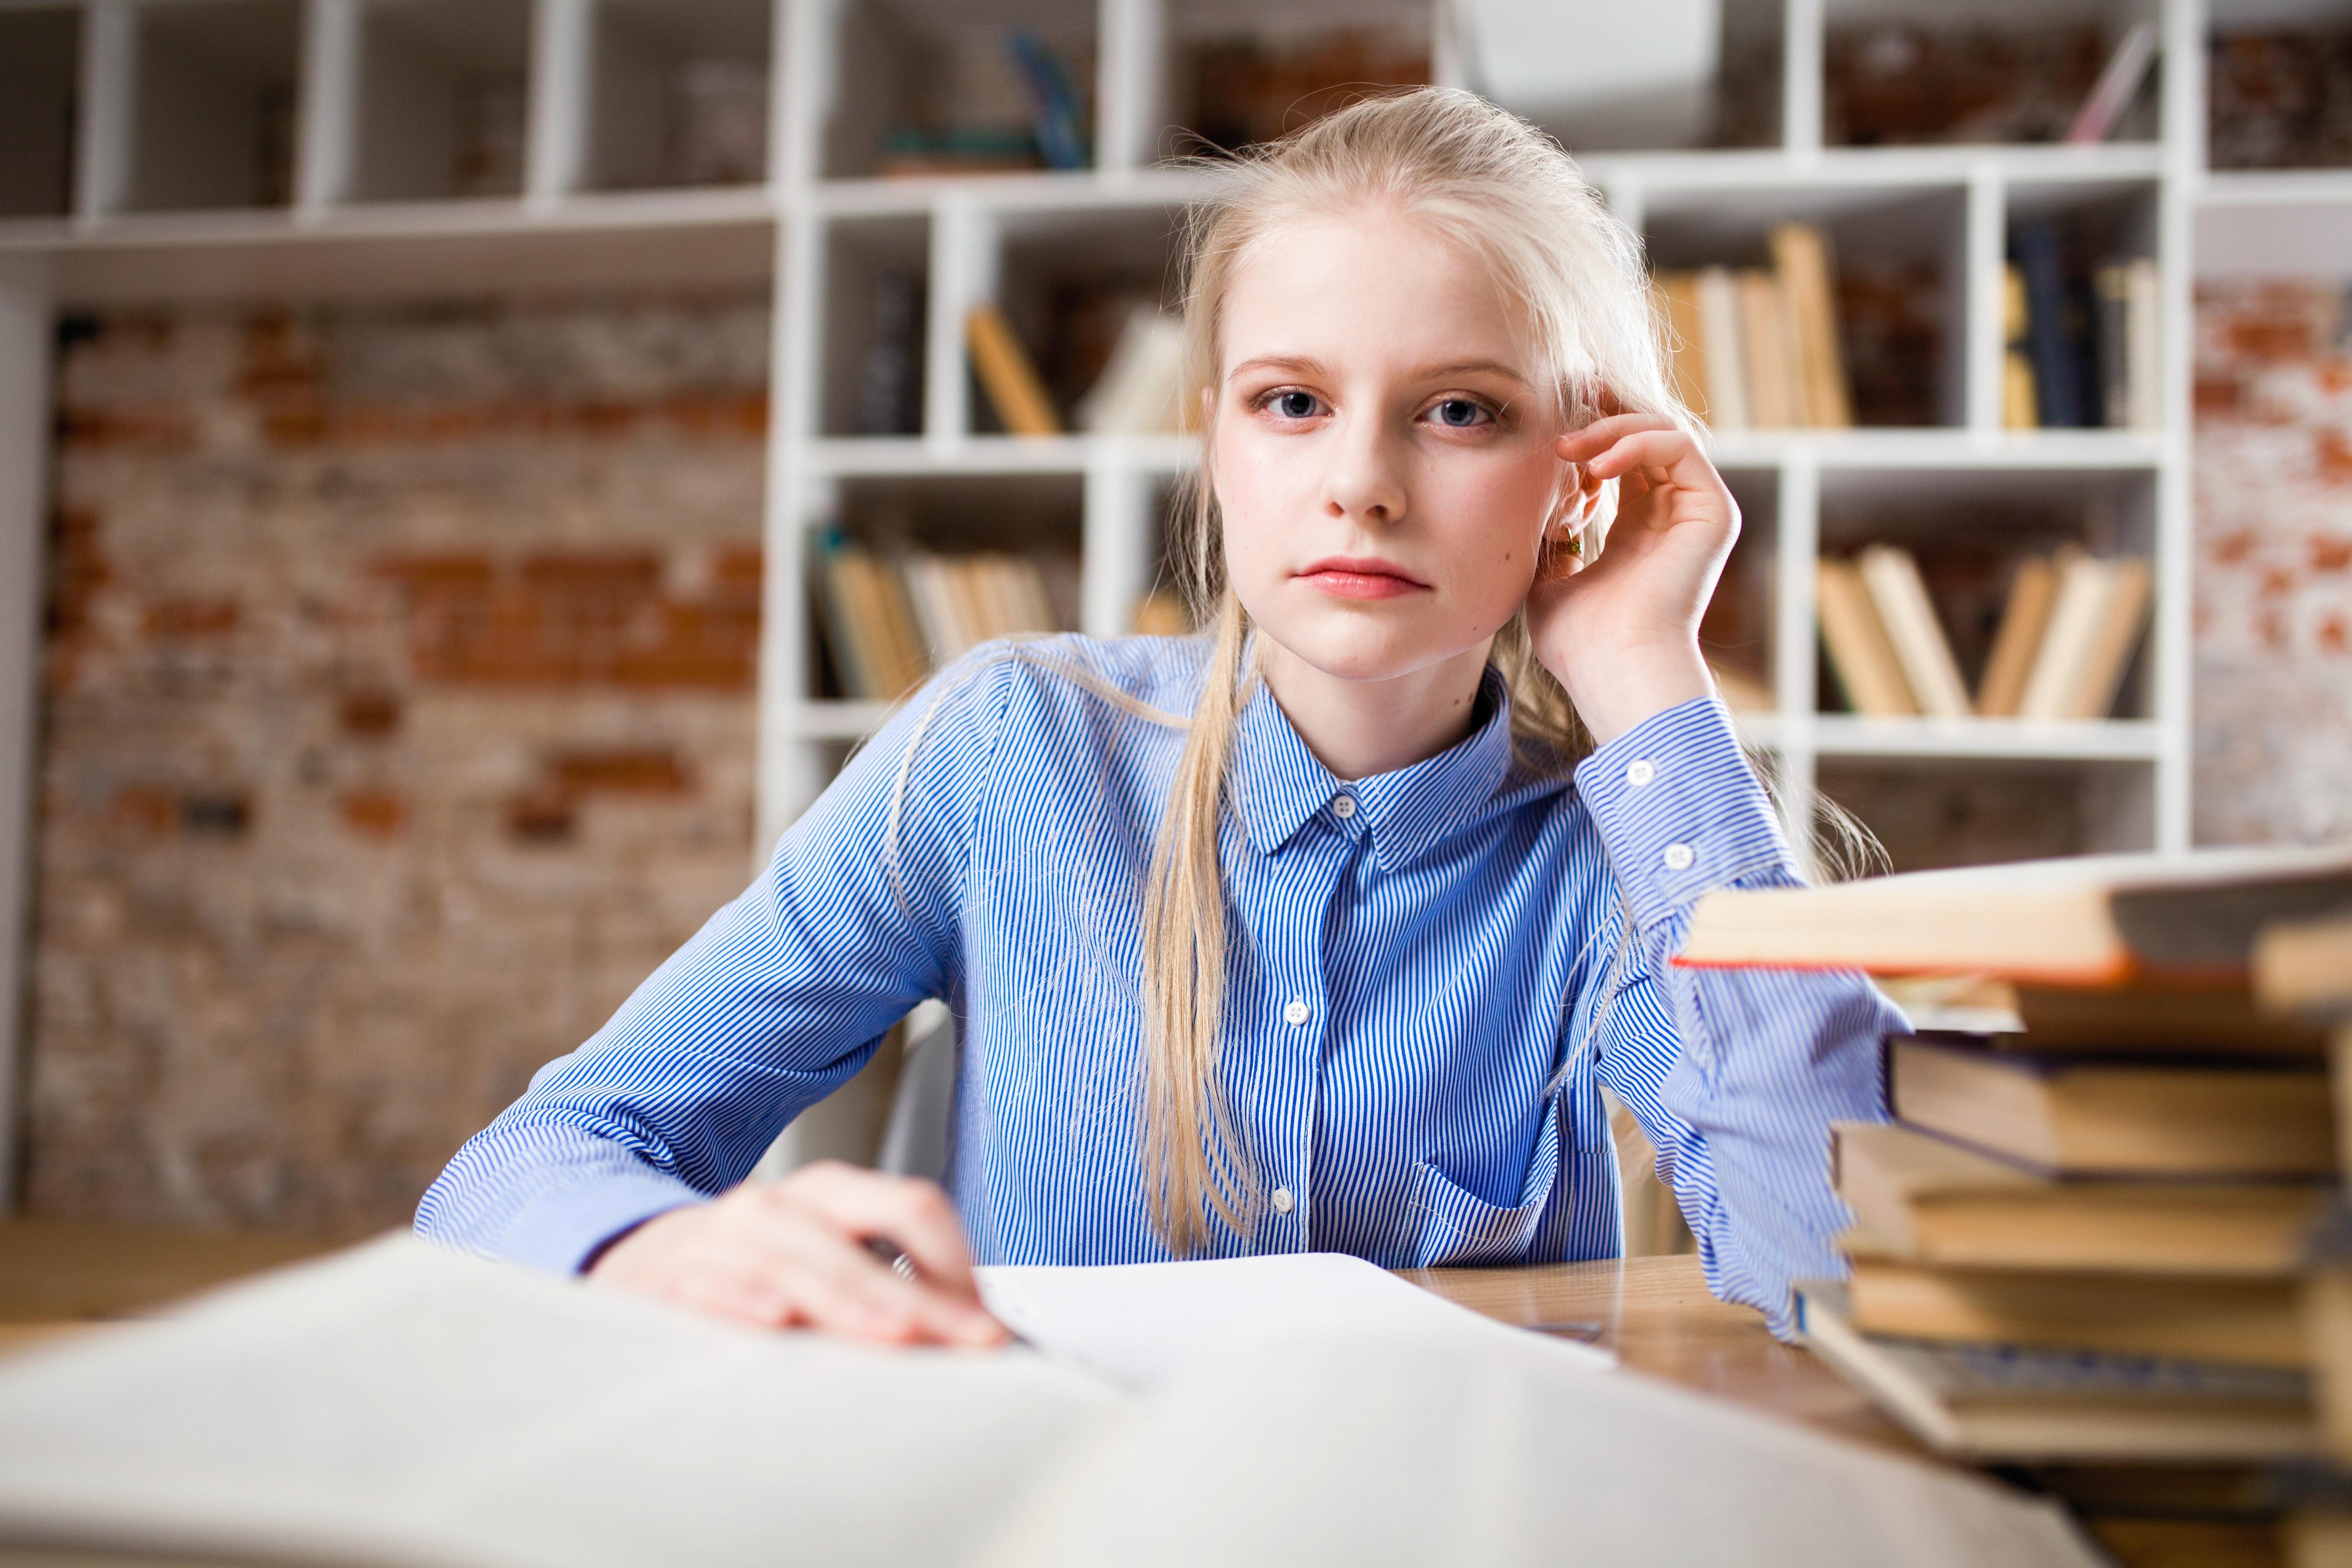 3 pomysly na prace dla studenta